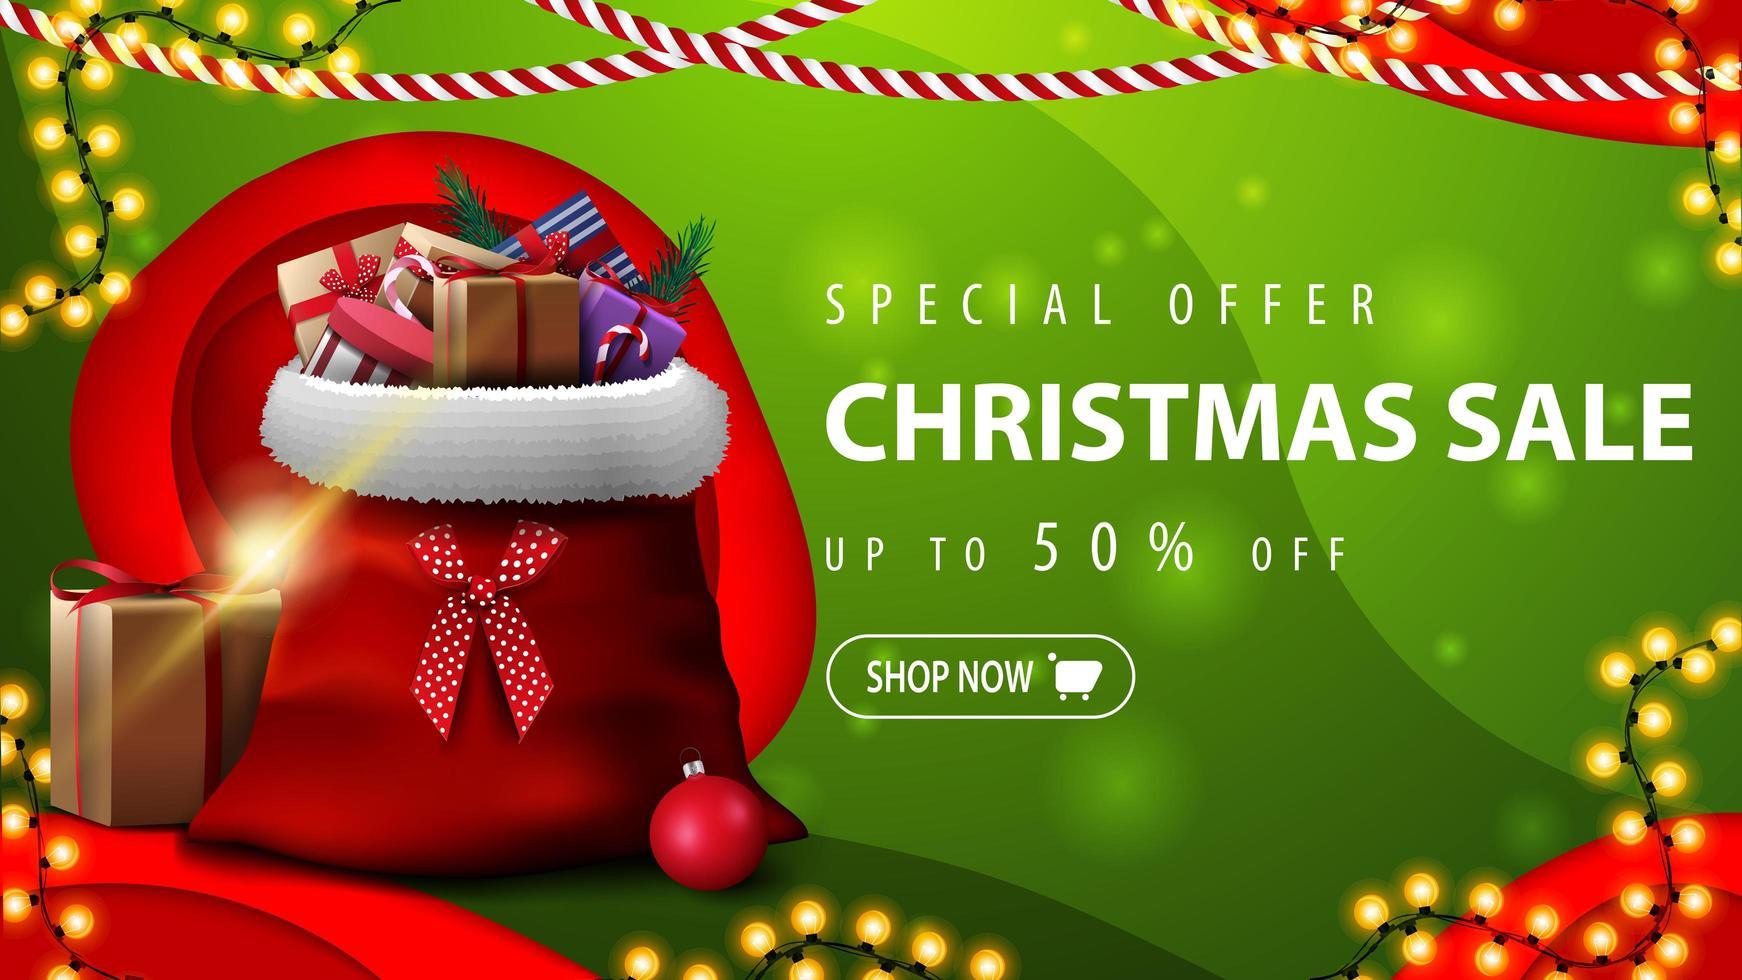 offre spéciale, vente de Noël, jusqu'à 50 de réduction, bannière de réduction horizontale verte en papier découpé style avec sac de père Noël avec des cadeaux vecteur